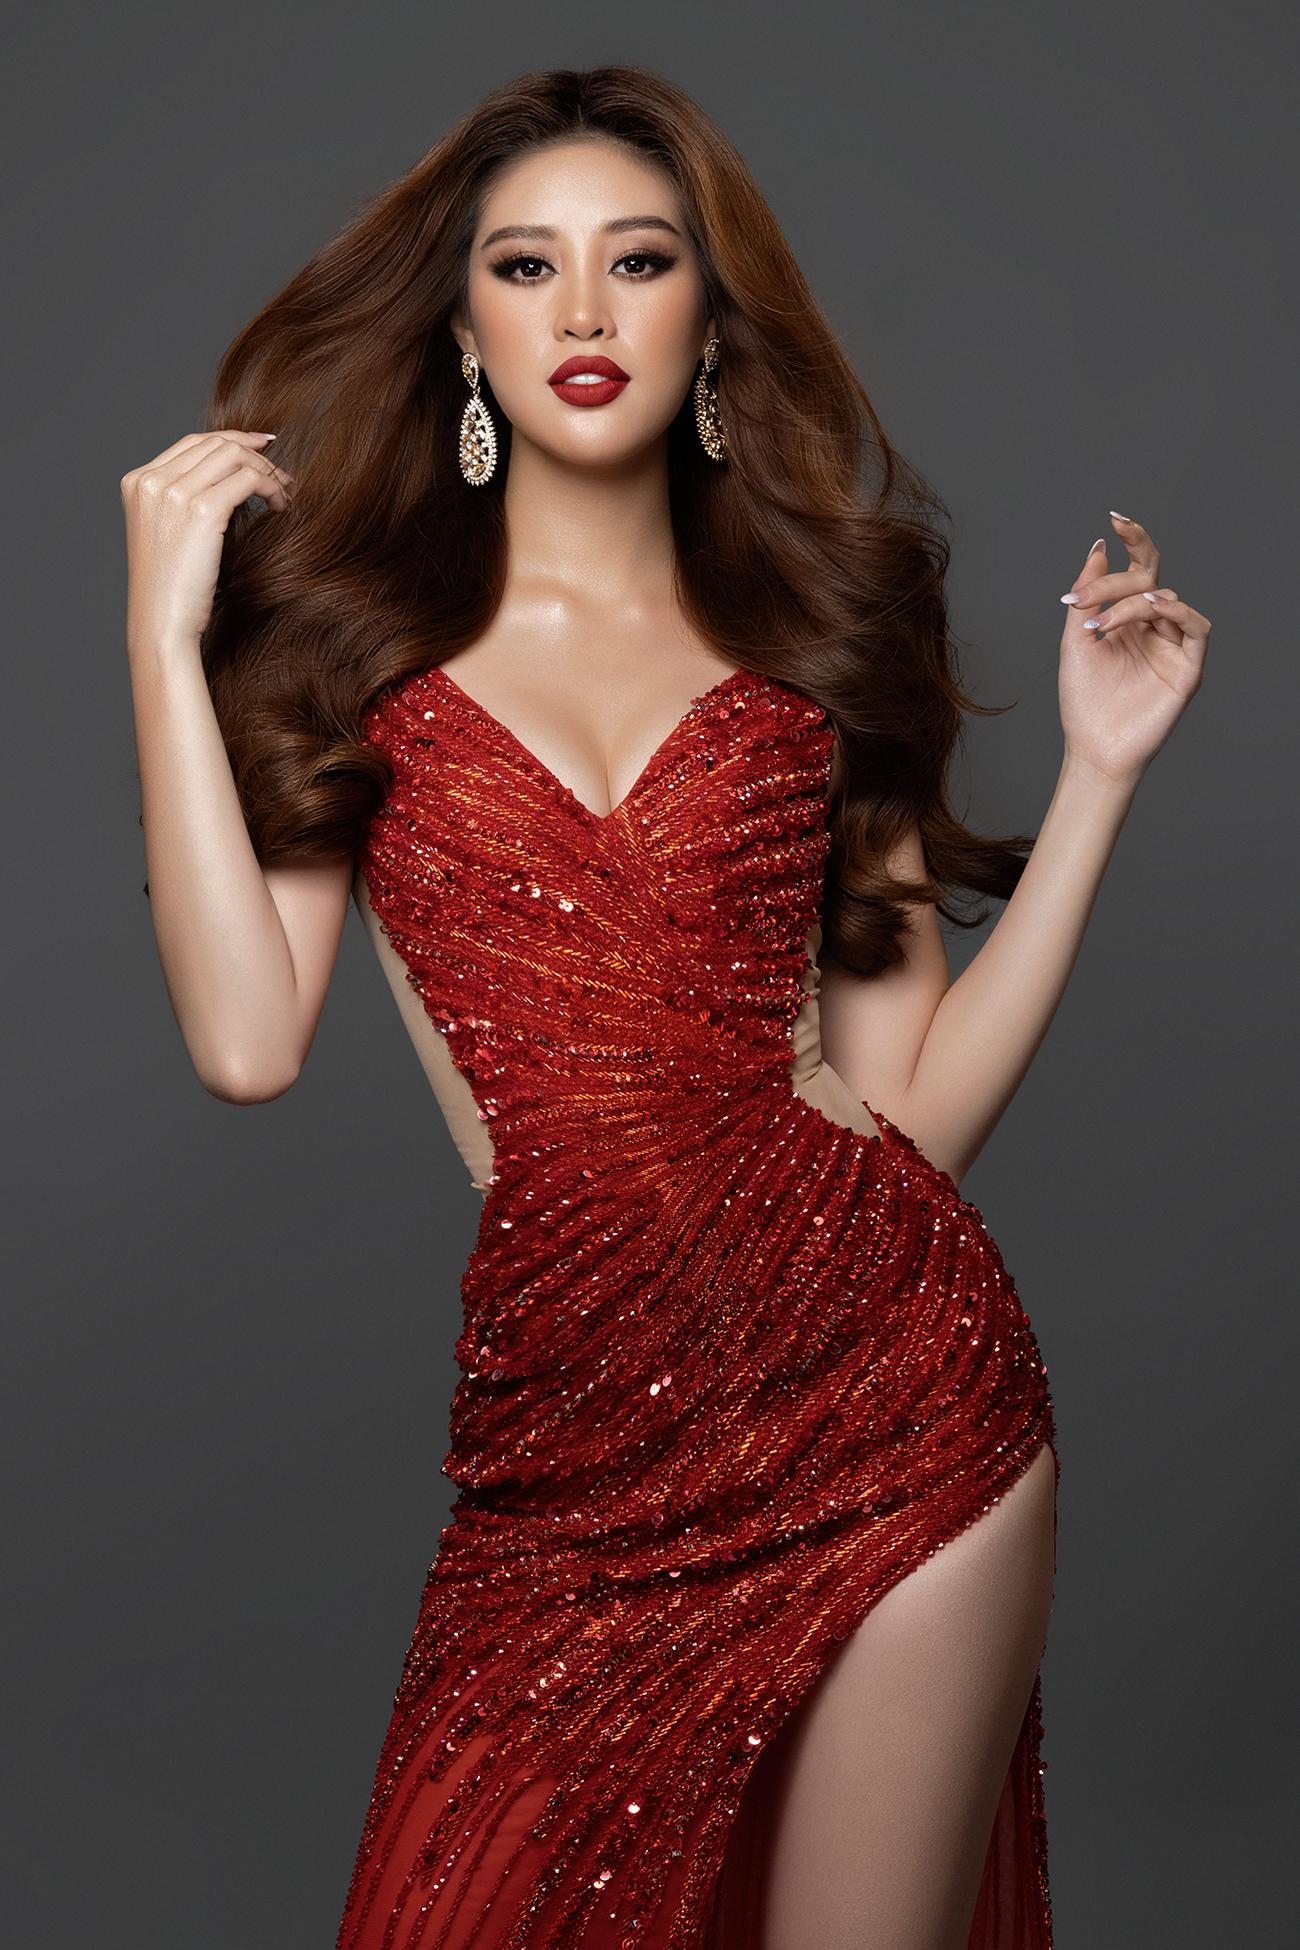 Khánh Vân diện váy cut-out khoe vòng một nóng bỏng trong bộ ảnh mừng sinh nhật ảnh 2